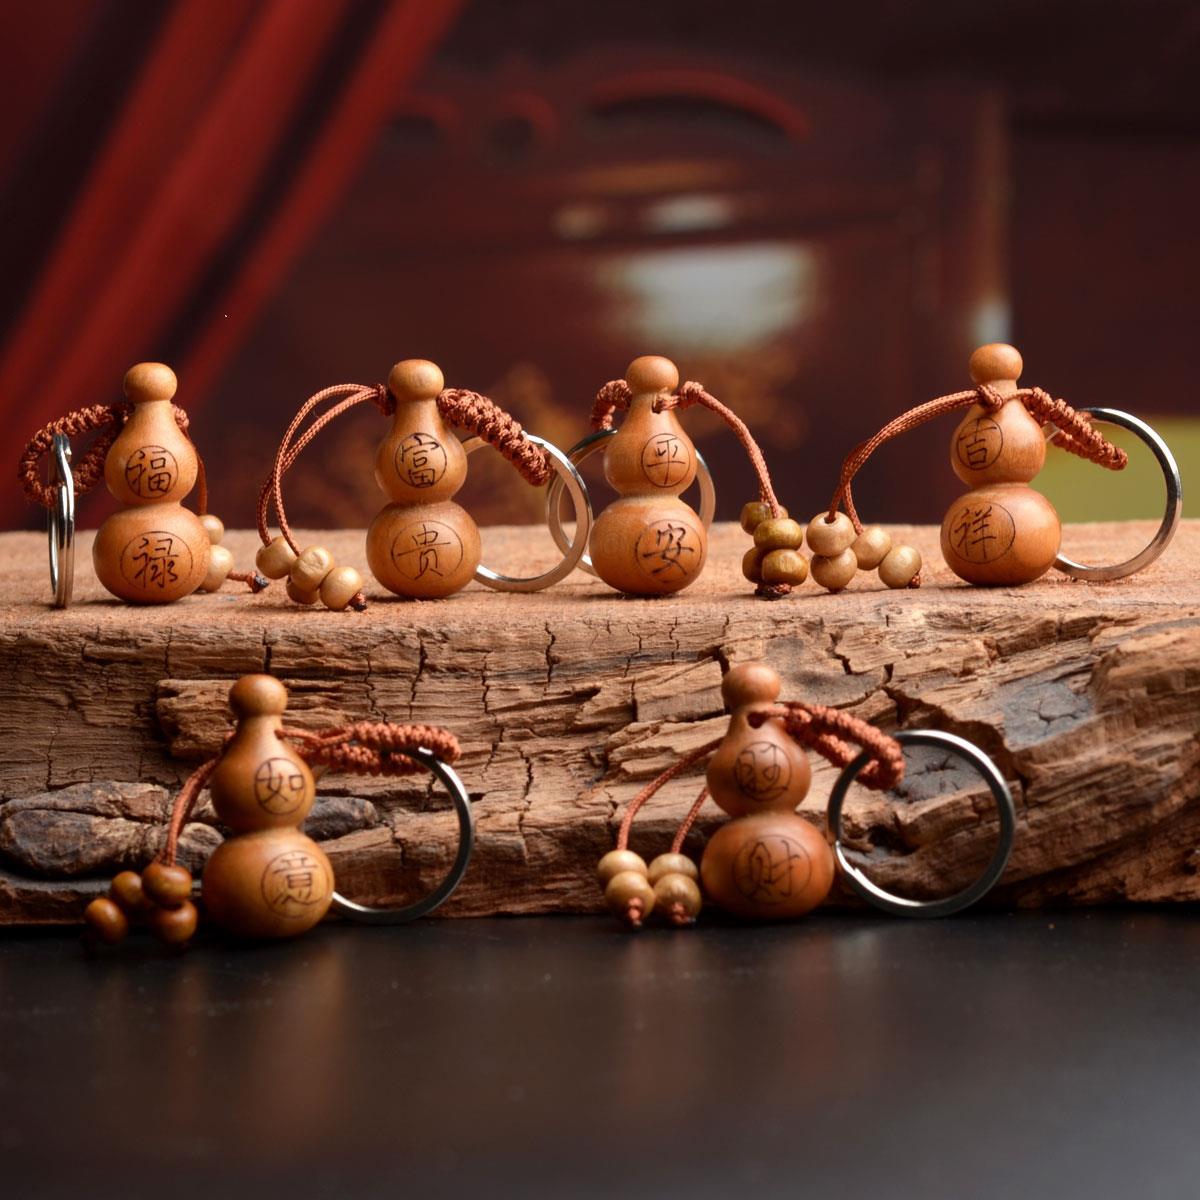 桃木葫蘆掛件鑰匙扣男女士汽車鑰匙鏈掛飾隨身攜帶鑰匙裝飾♠極有家♠